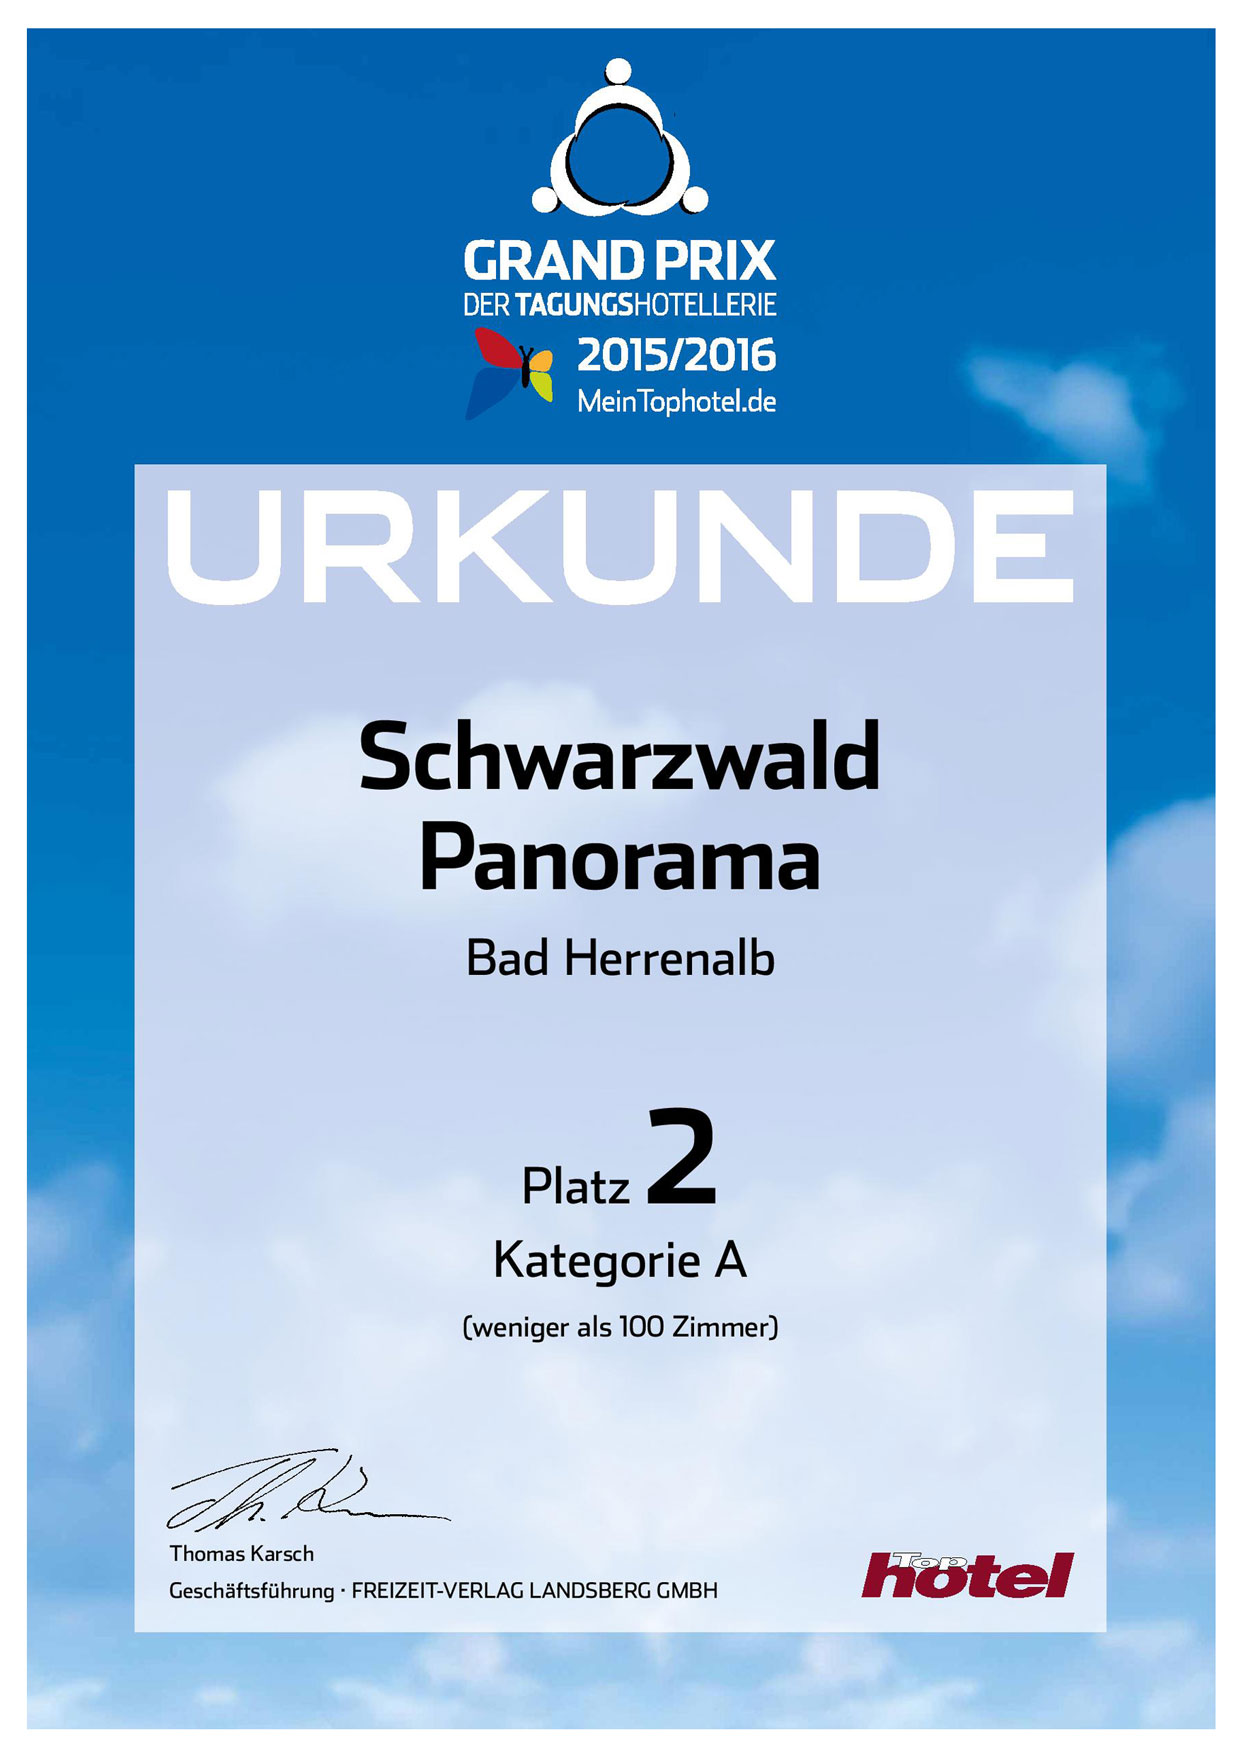 Urkunde 2. Platz Grand Prix der Tagungshotellerie 2015/2016 vom Tagungshotel Schwarzwald Panorama